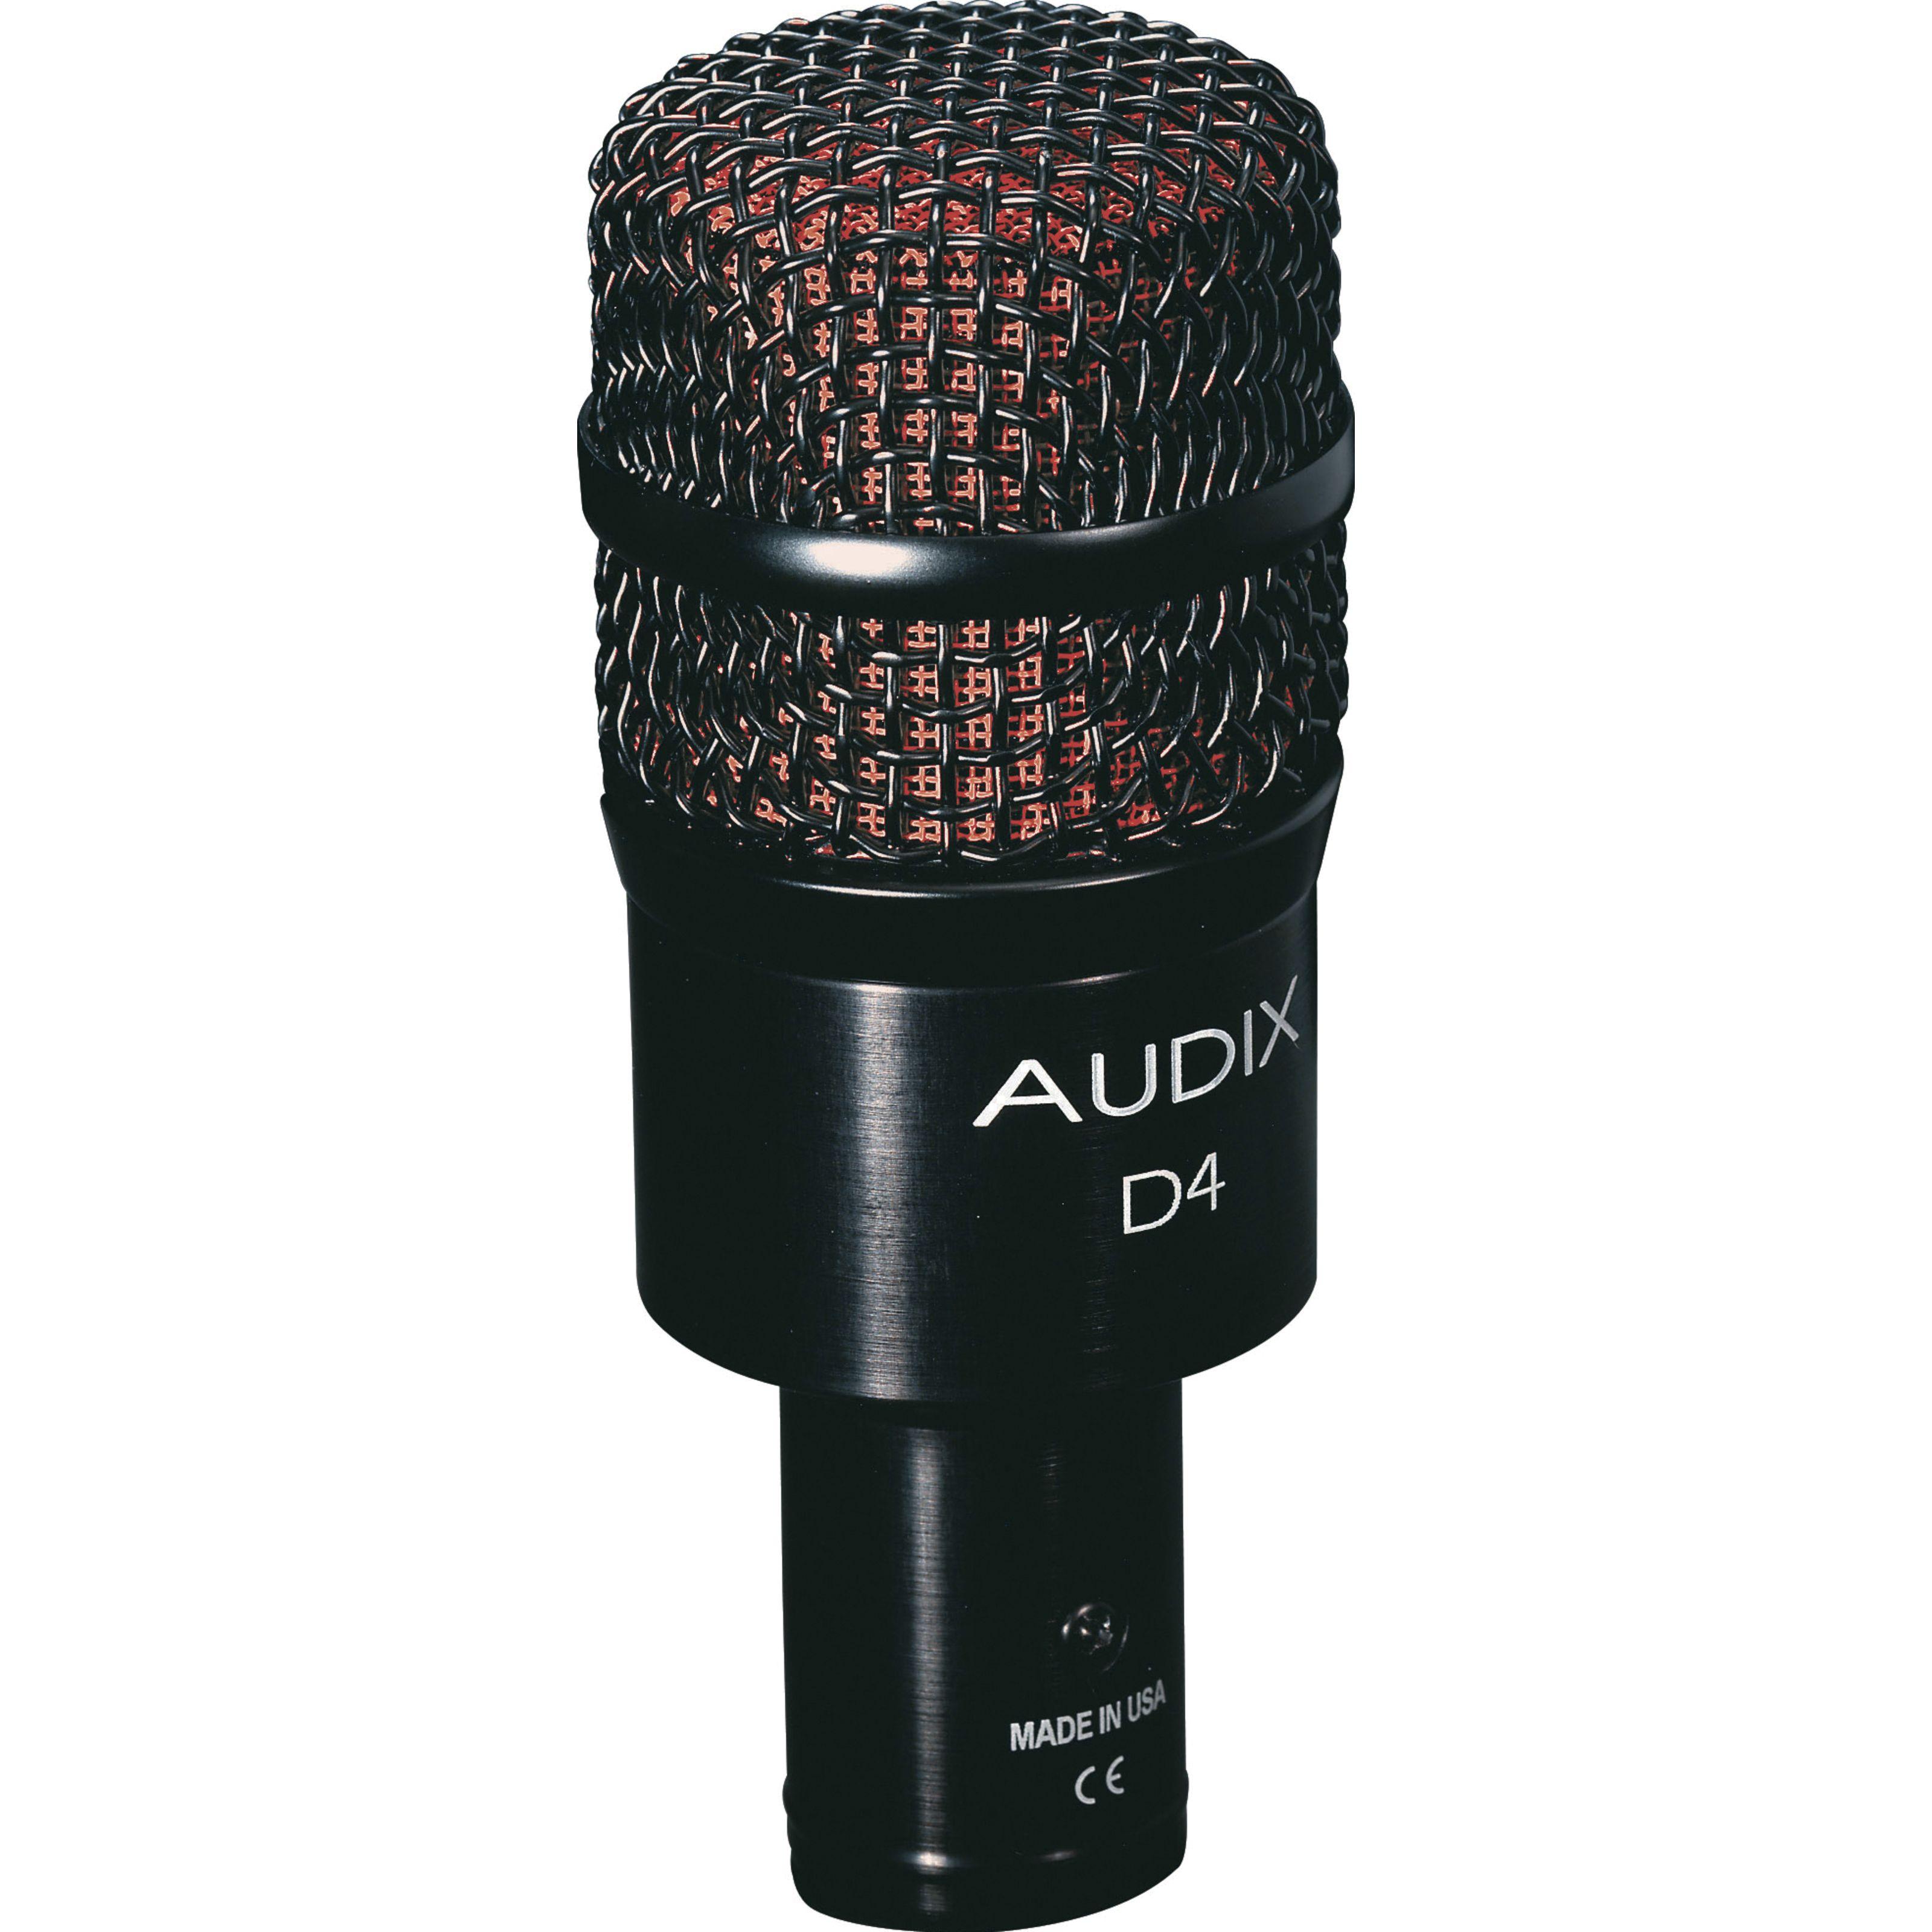 Audix - D4 Dynamisches Mikrofon 36.02.03